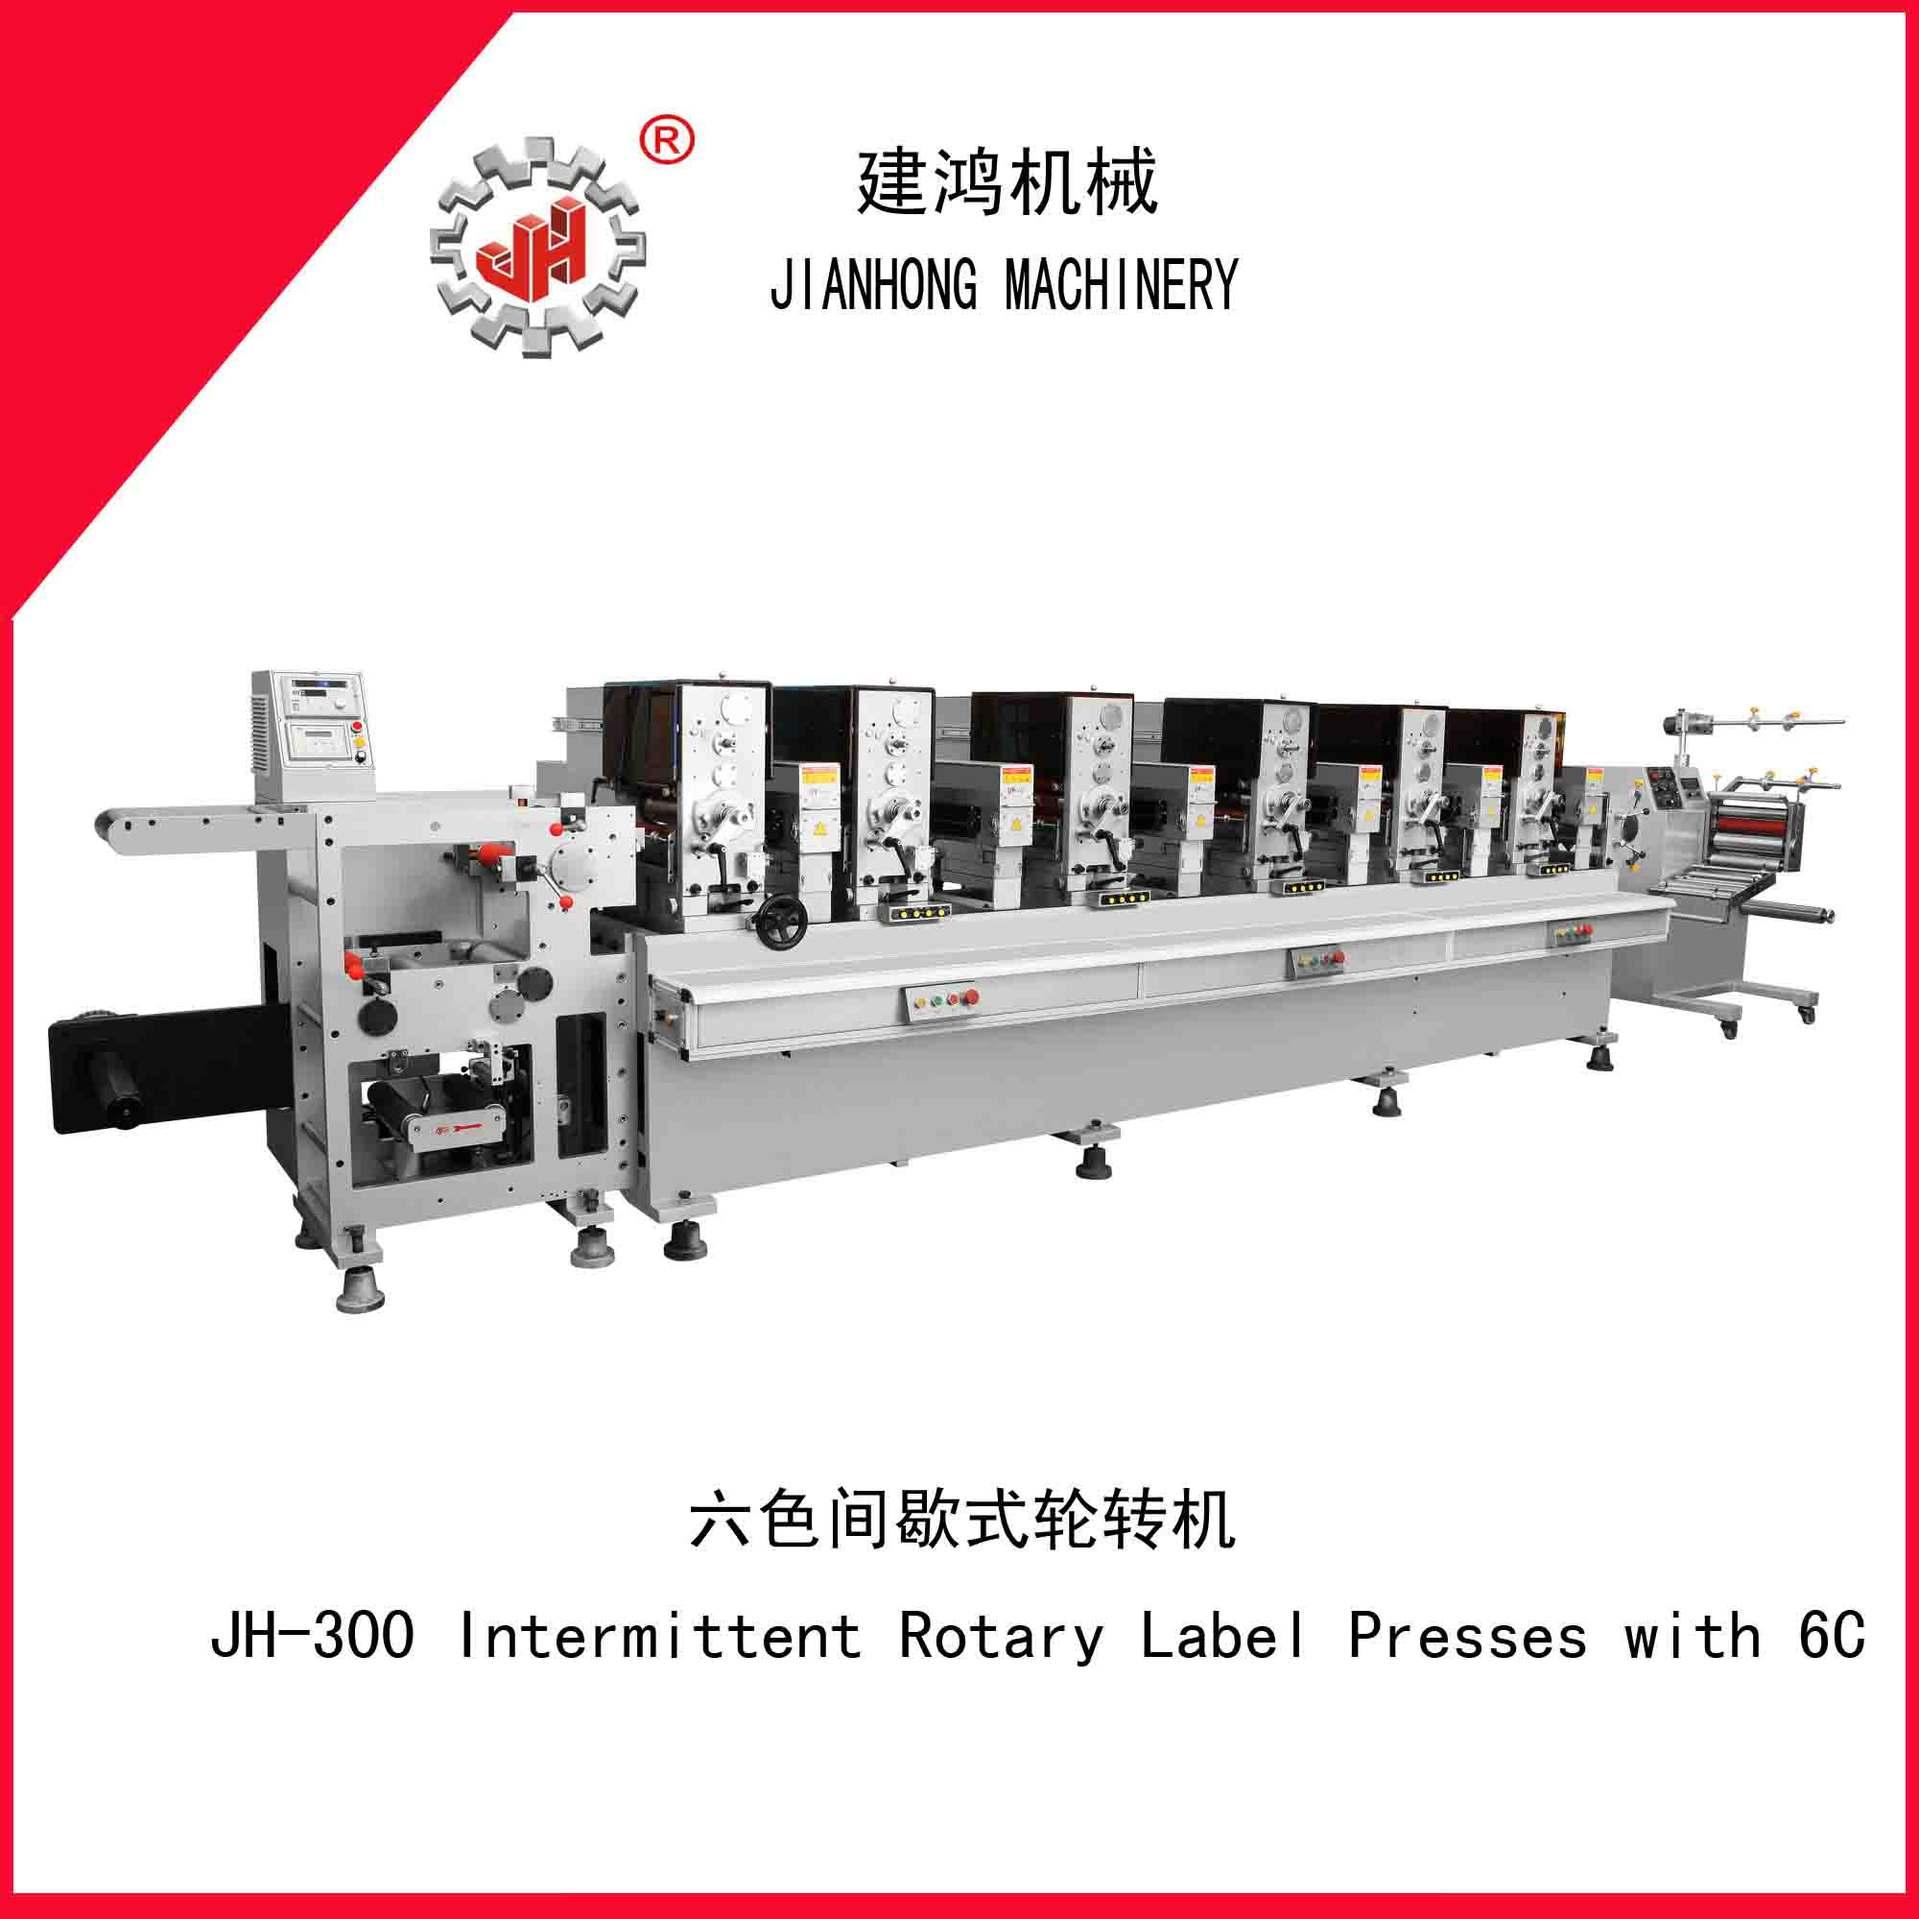 间歇式轮转商标印刷机